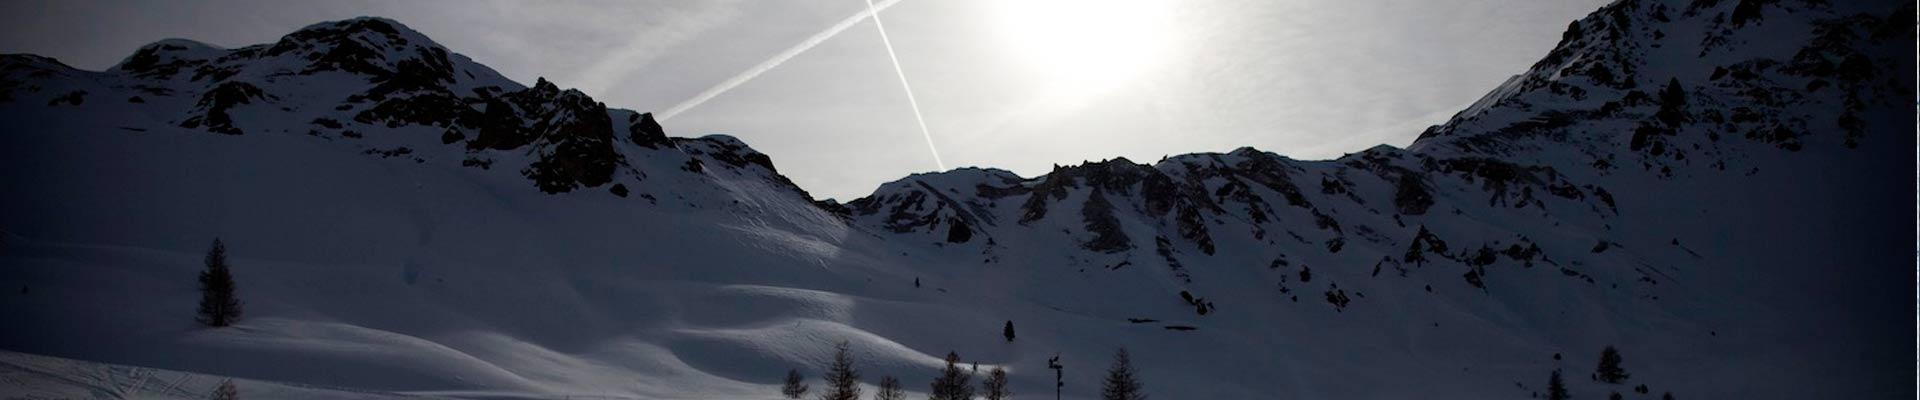 chalet-alpelune-winter-2